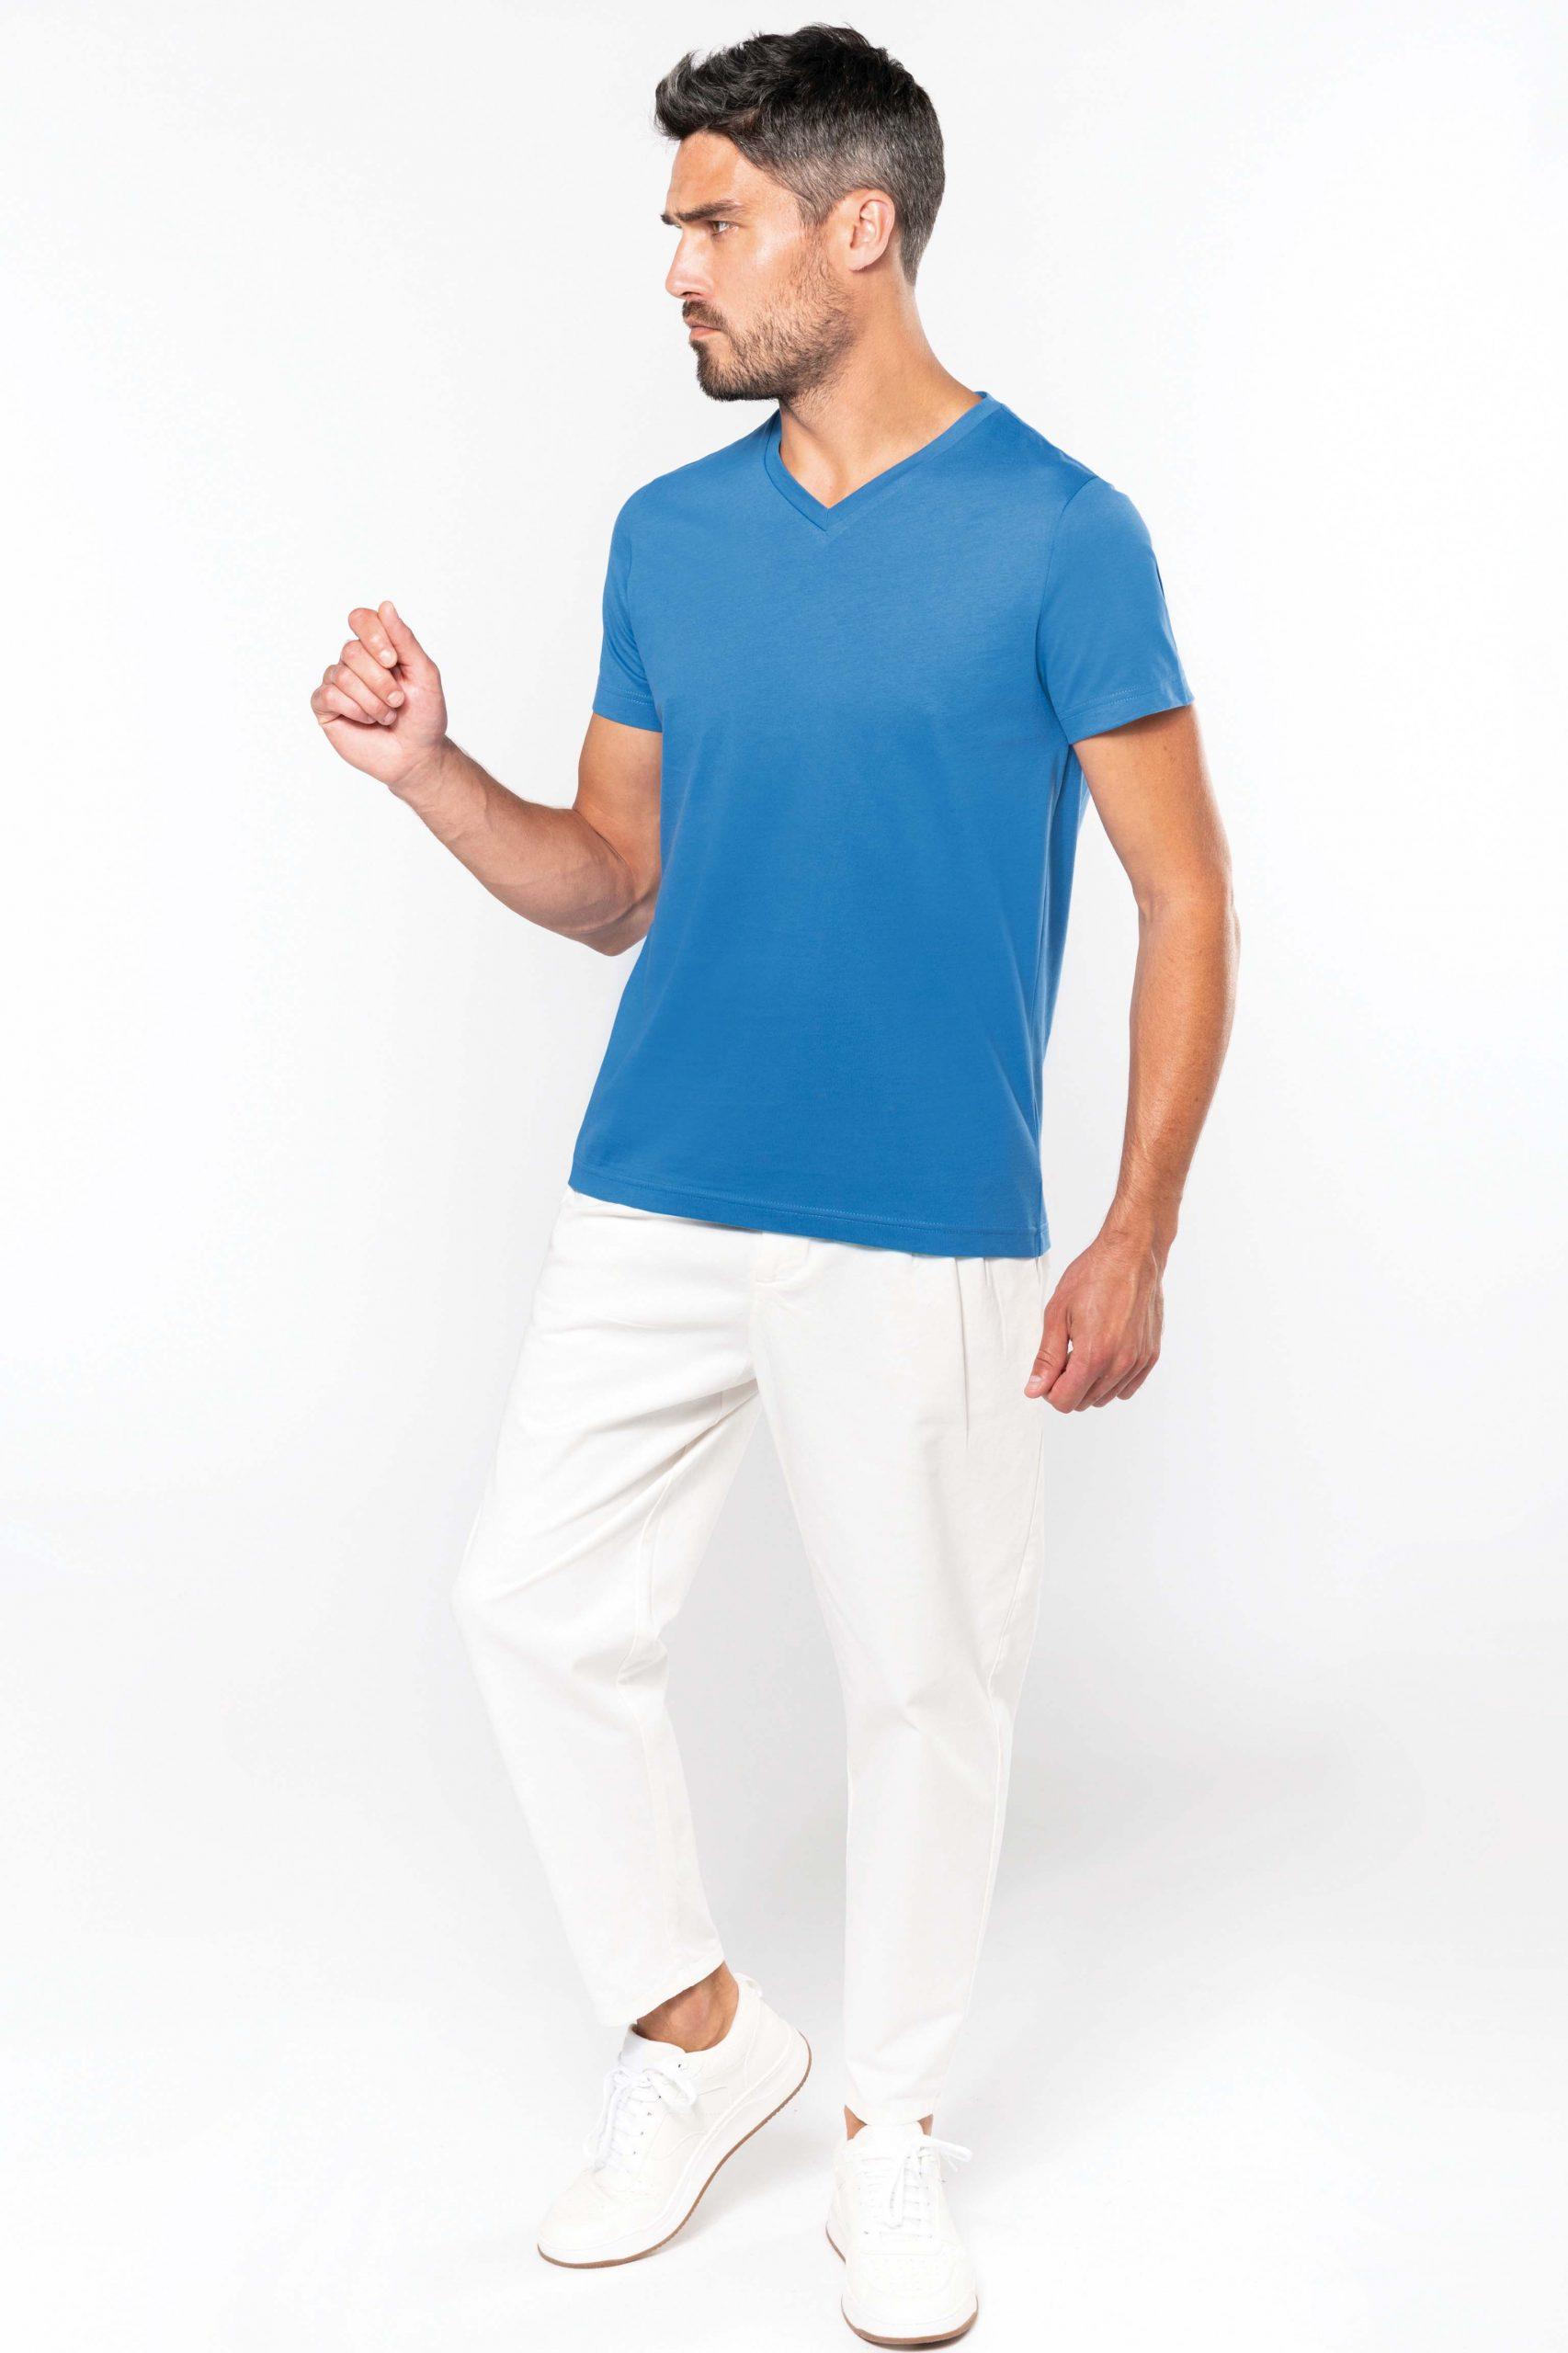 T-shirt Gekamd Enzymbehandeld Katoen V-hals Men